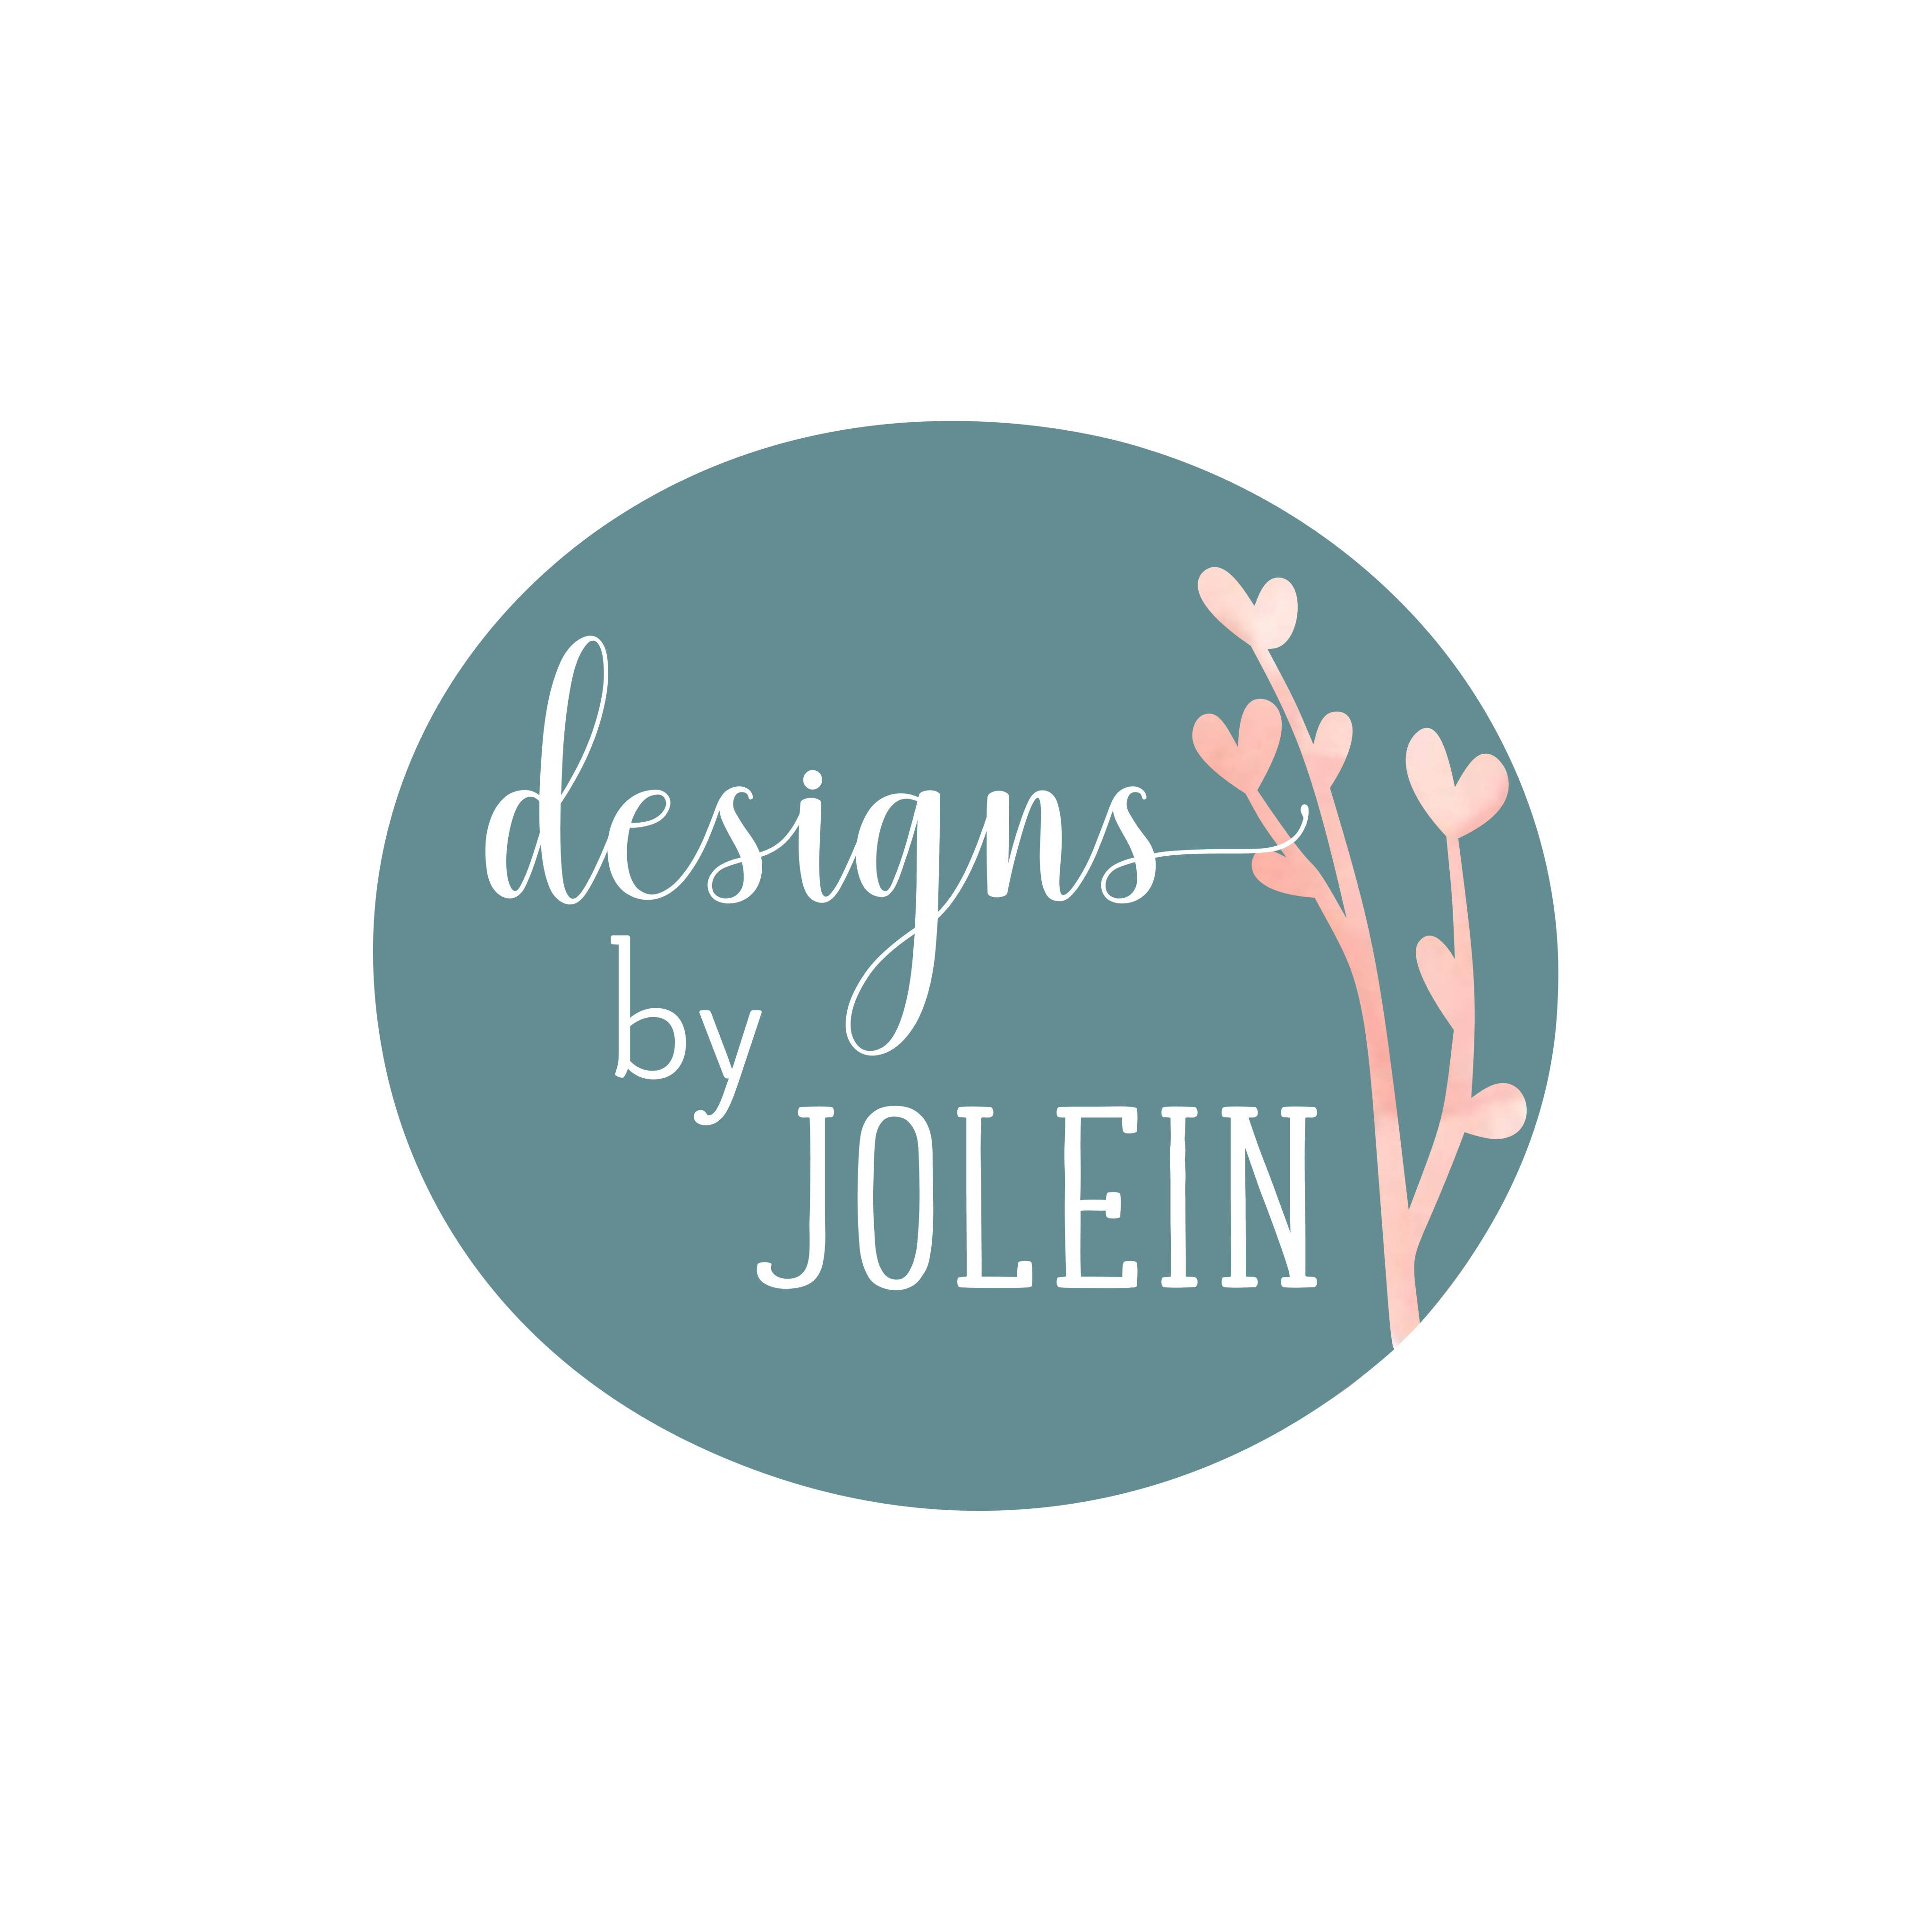 Designs By Jolein